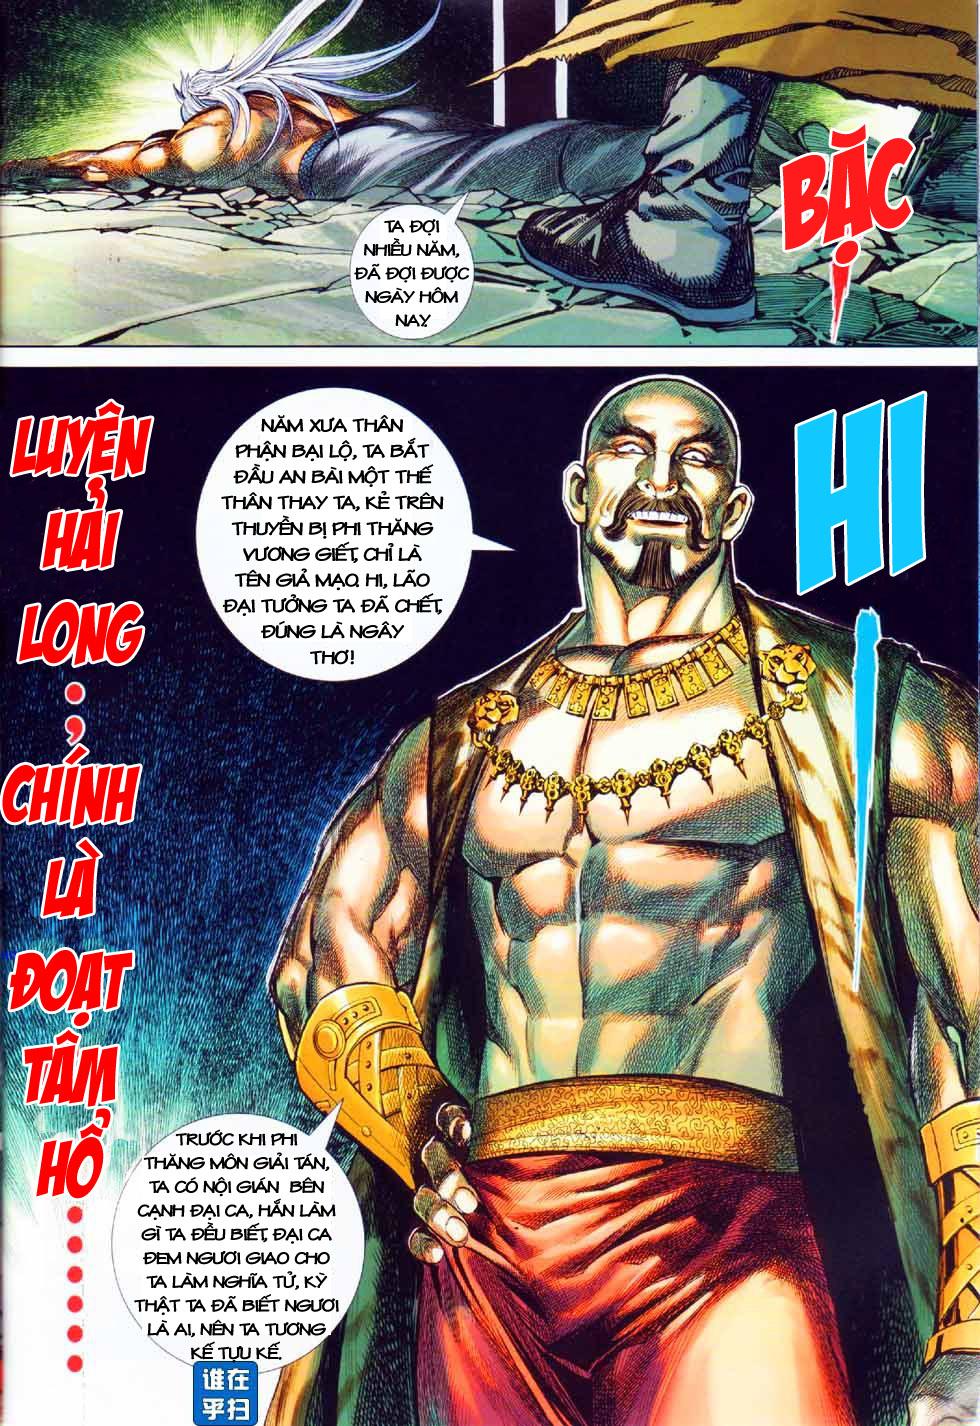 Thiên Hạ Vô Địch Kiếm Tà Thần chap 8 end trang 27